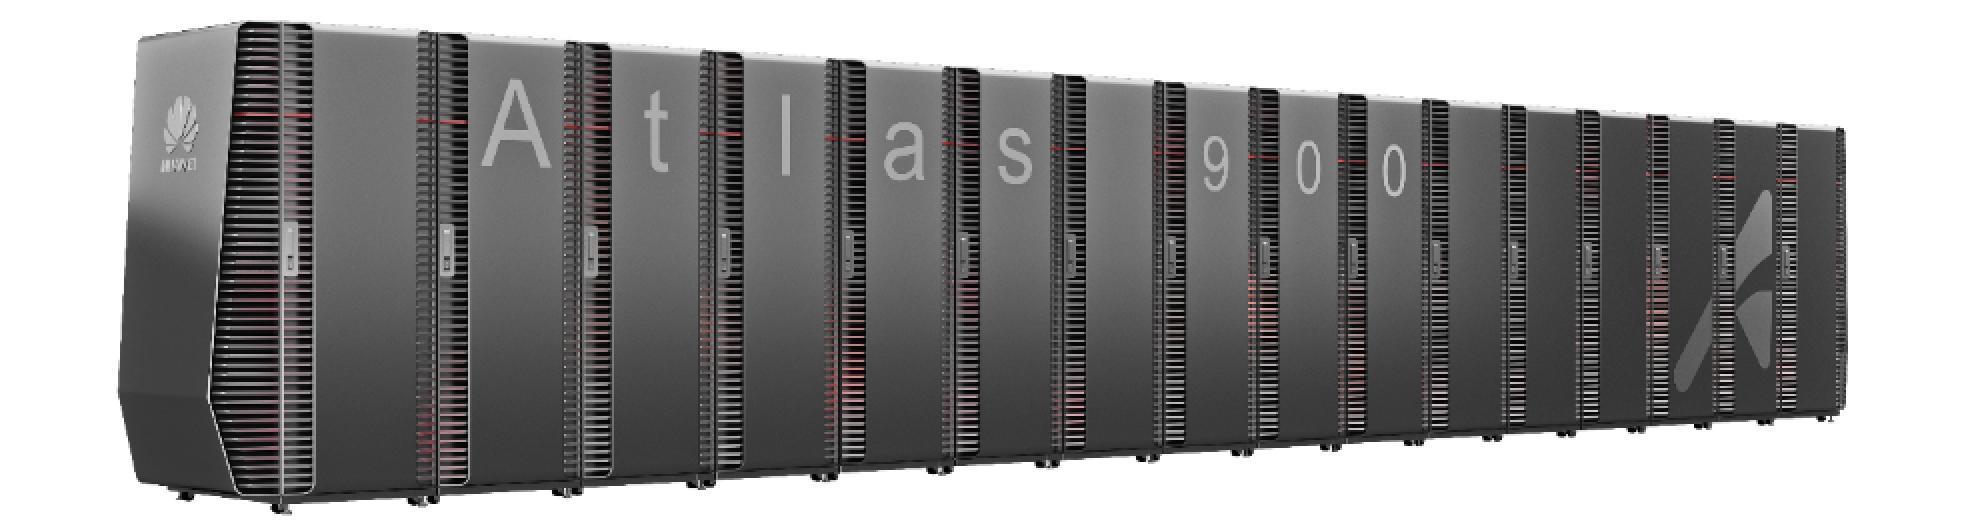 华为AI训练集群Atlas900有多快?算力相当于50万台PC